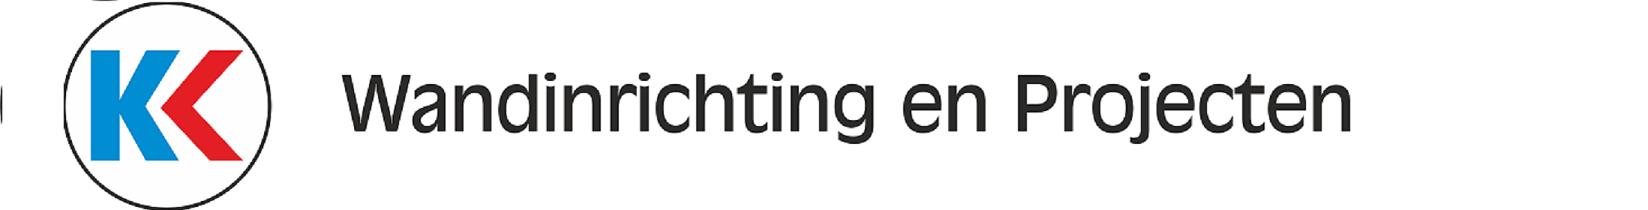 Hanging Concepts wandinrichting  voor bedrijven en particulieren